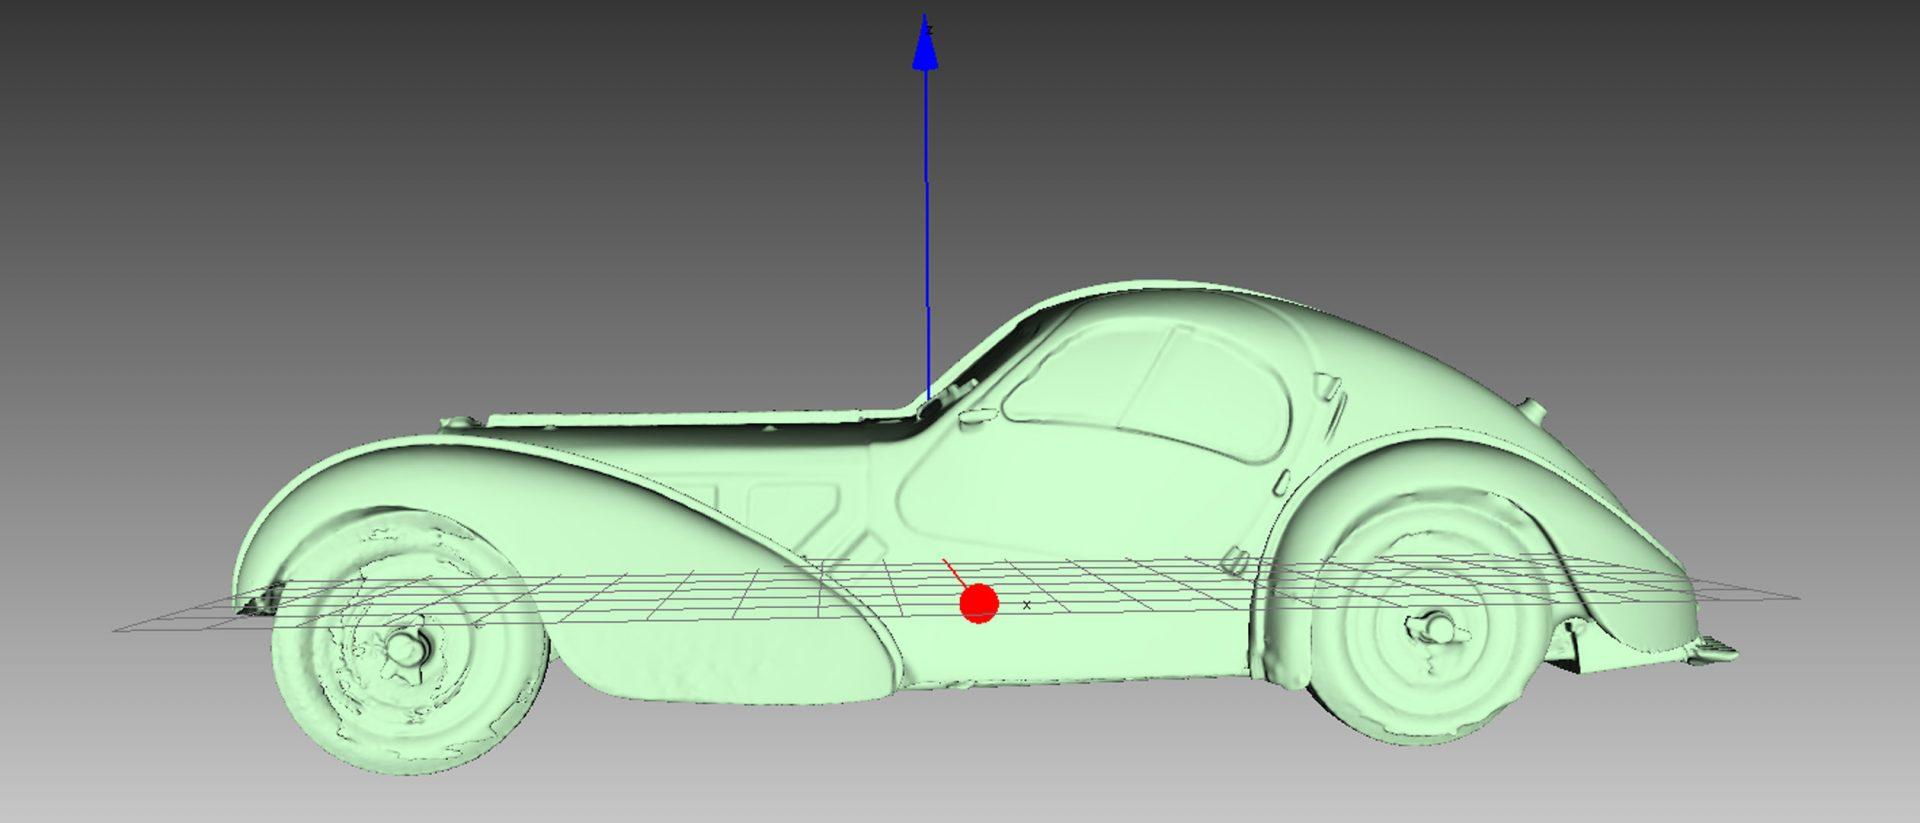 pomysły 3D, Innowacyjne pomysły 3D